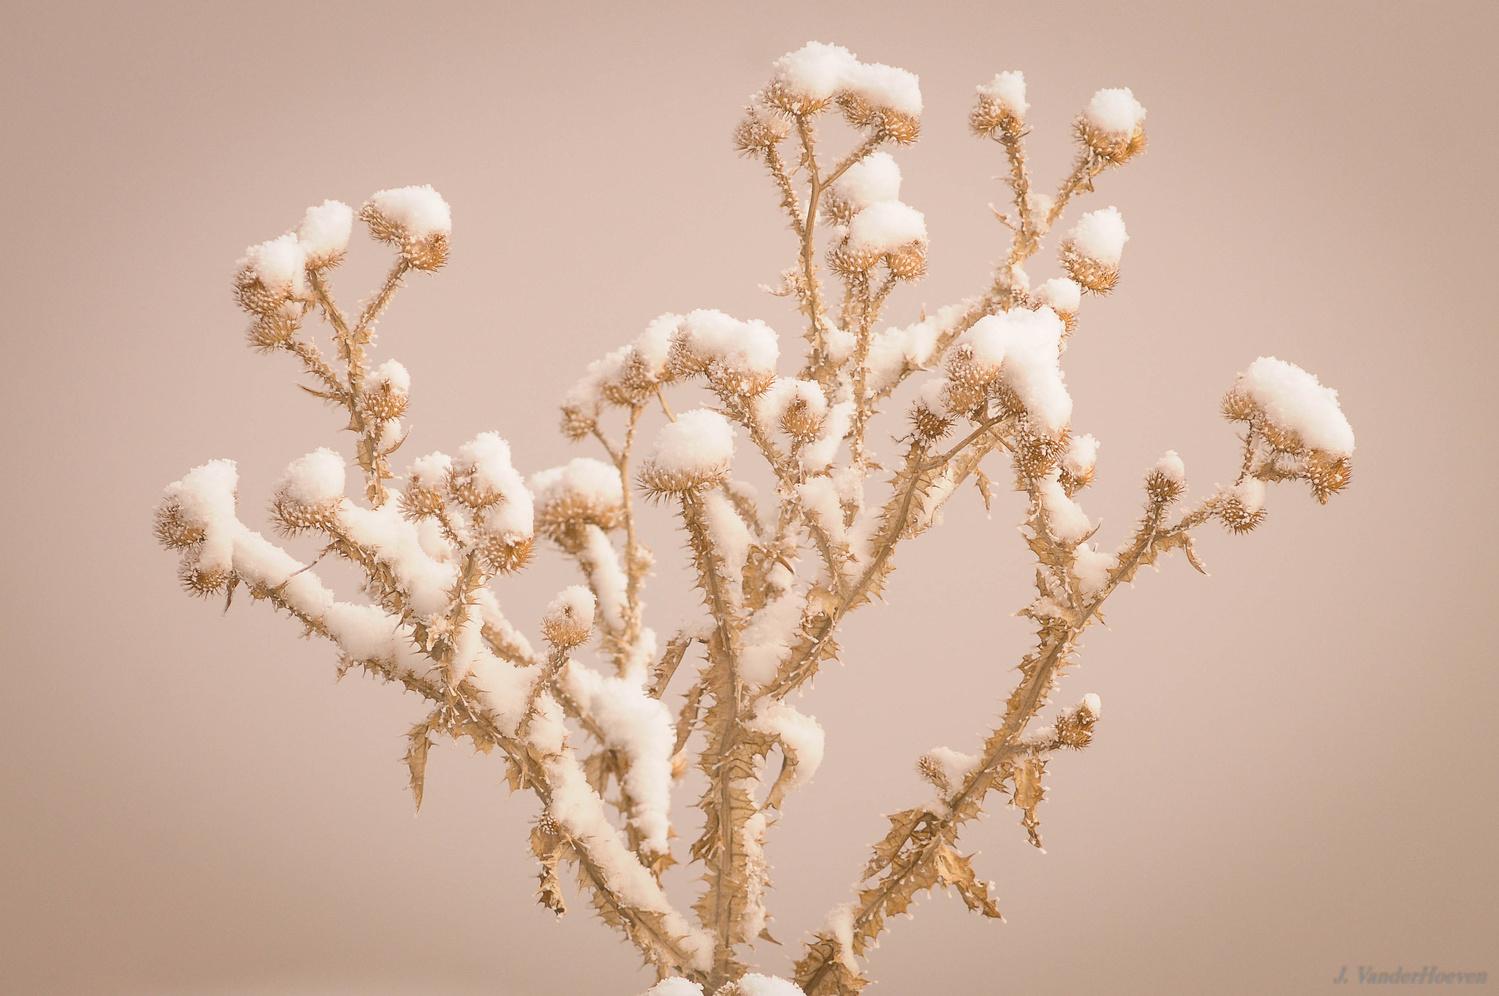 Snow on Milk Thistles by Jake VanderHoeven